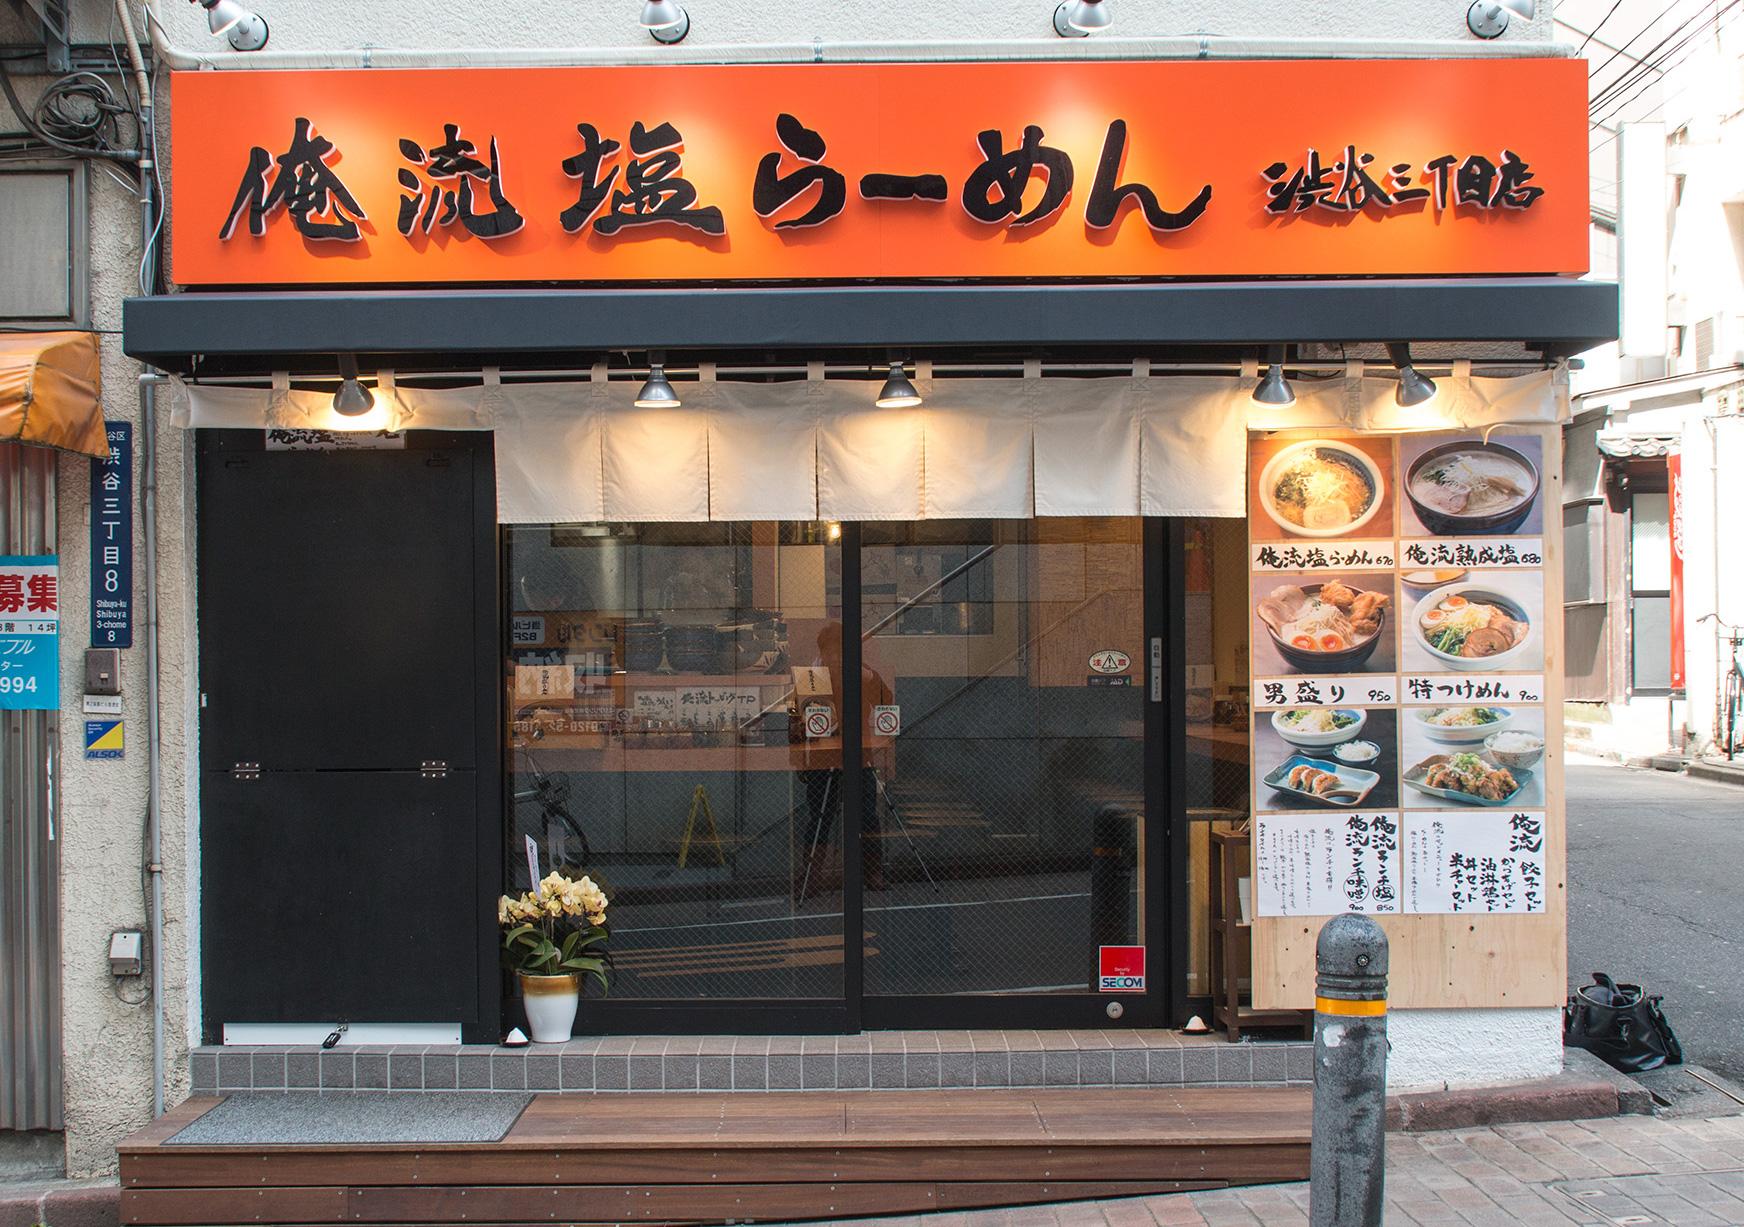 渋谷三丁目店